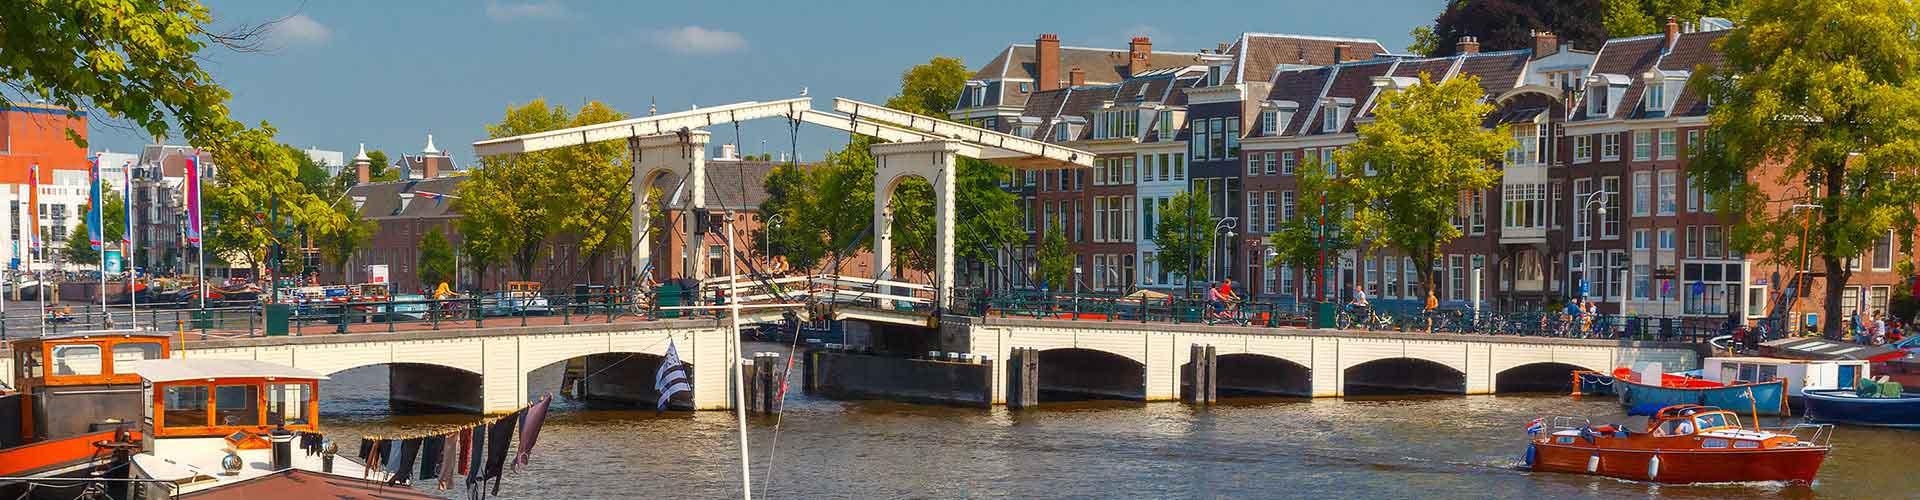 암스테르담 - 마헤레 다리에 가까운 캠핑장. 암스테르담의 지도, 암스테르담에 위치한 캠핑장에 대한 사진 및 리뷰.